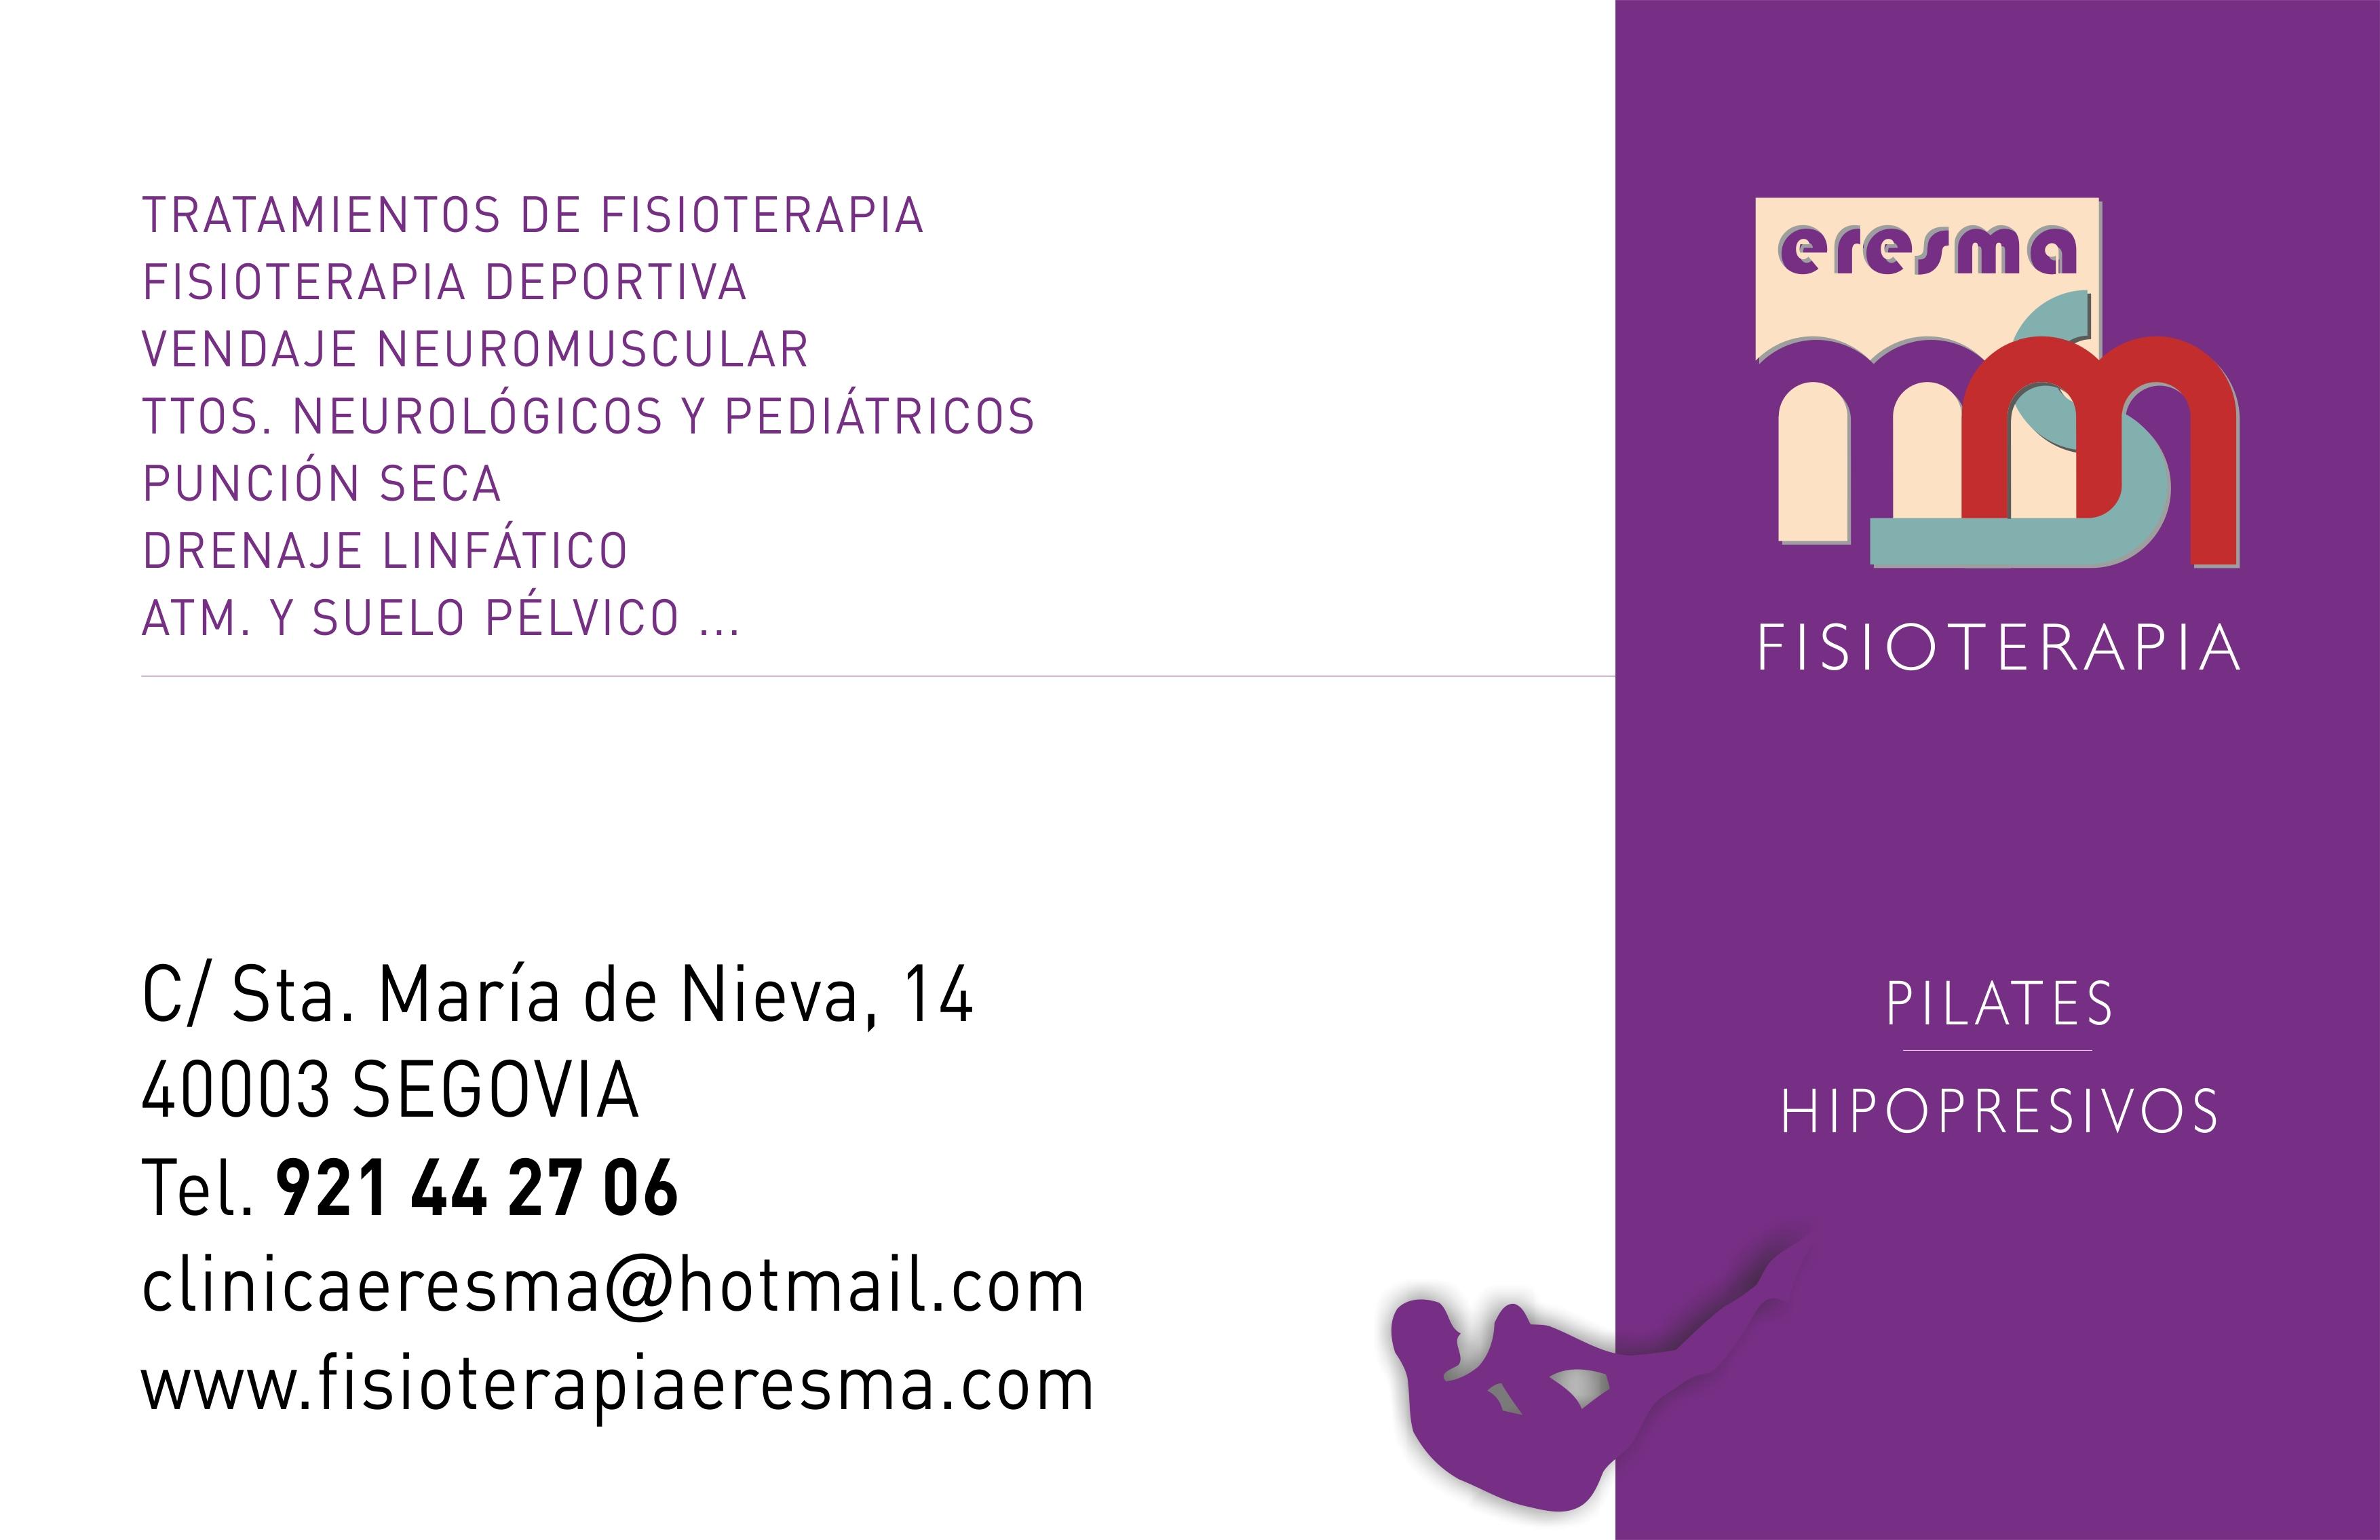 Clínica Eresma - Fisioterapia, Pilates...